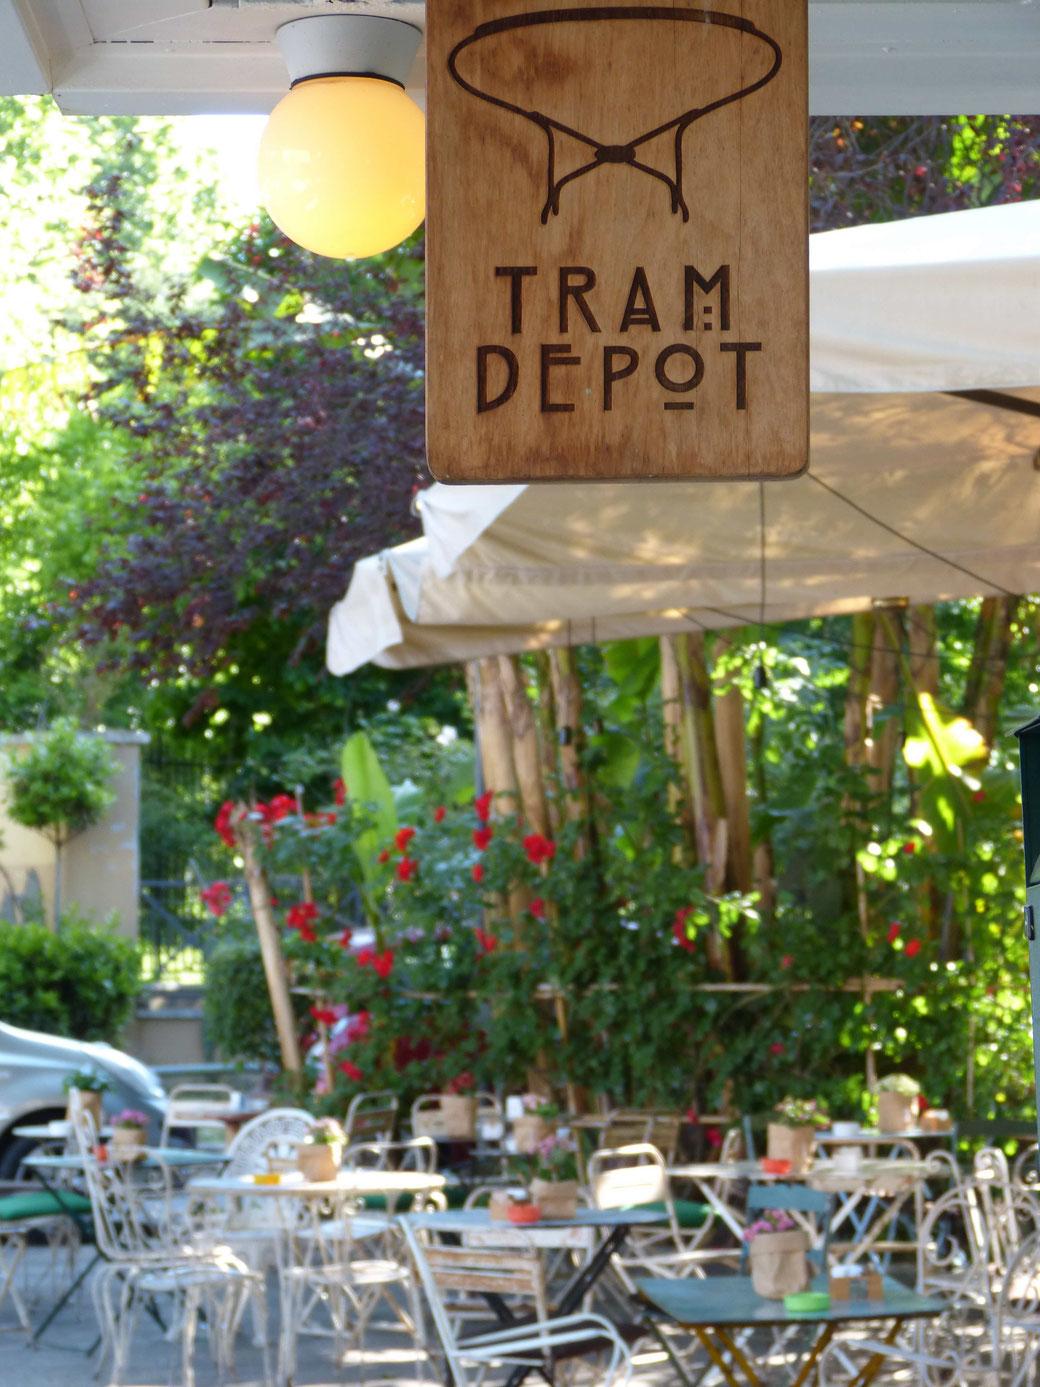 Frühling in Rom - Das Tram Depot ist eine urbane Oase im erlebenswerten Stadtviertel Testaccio